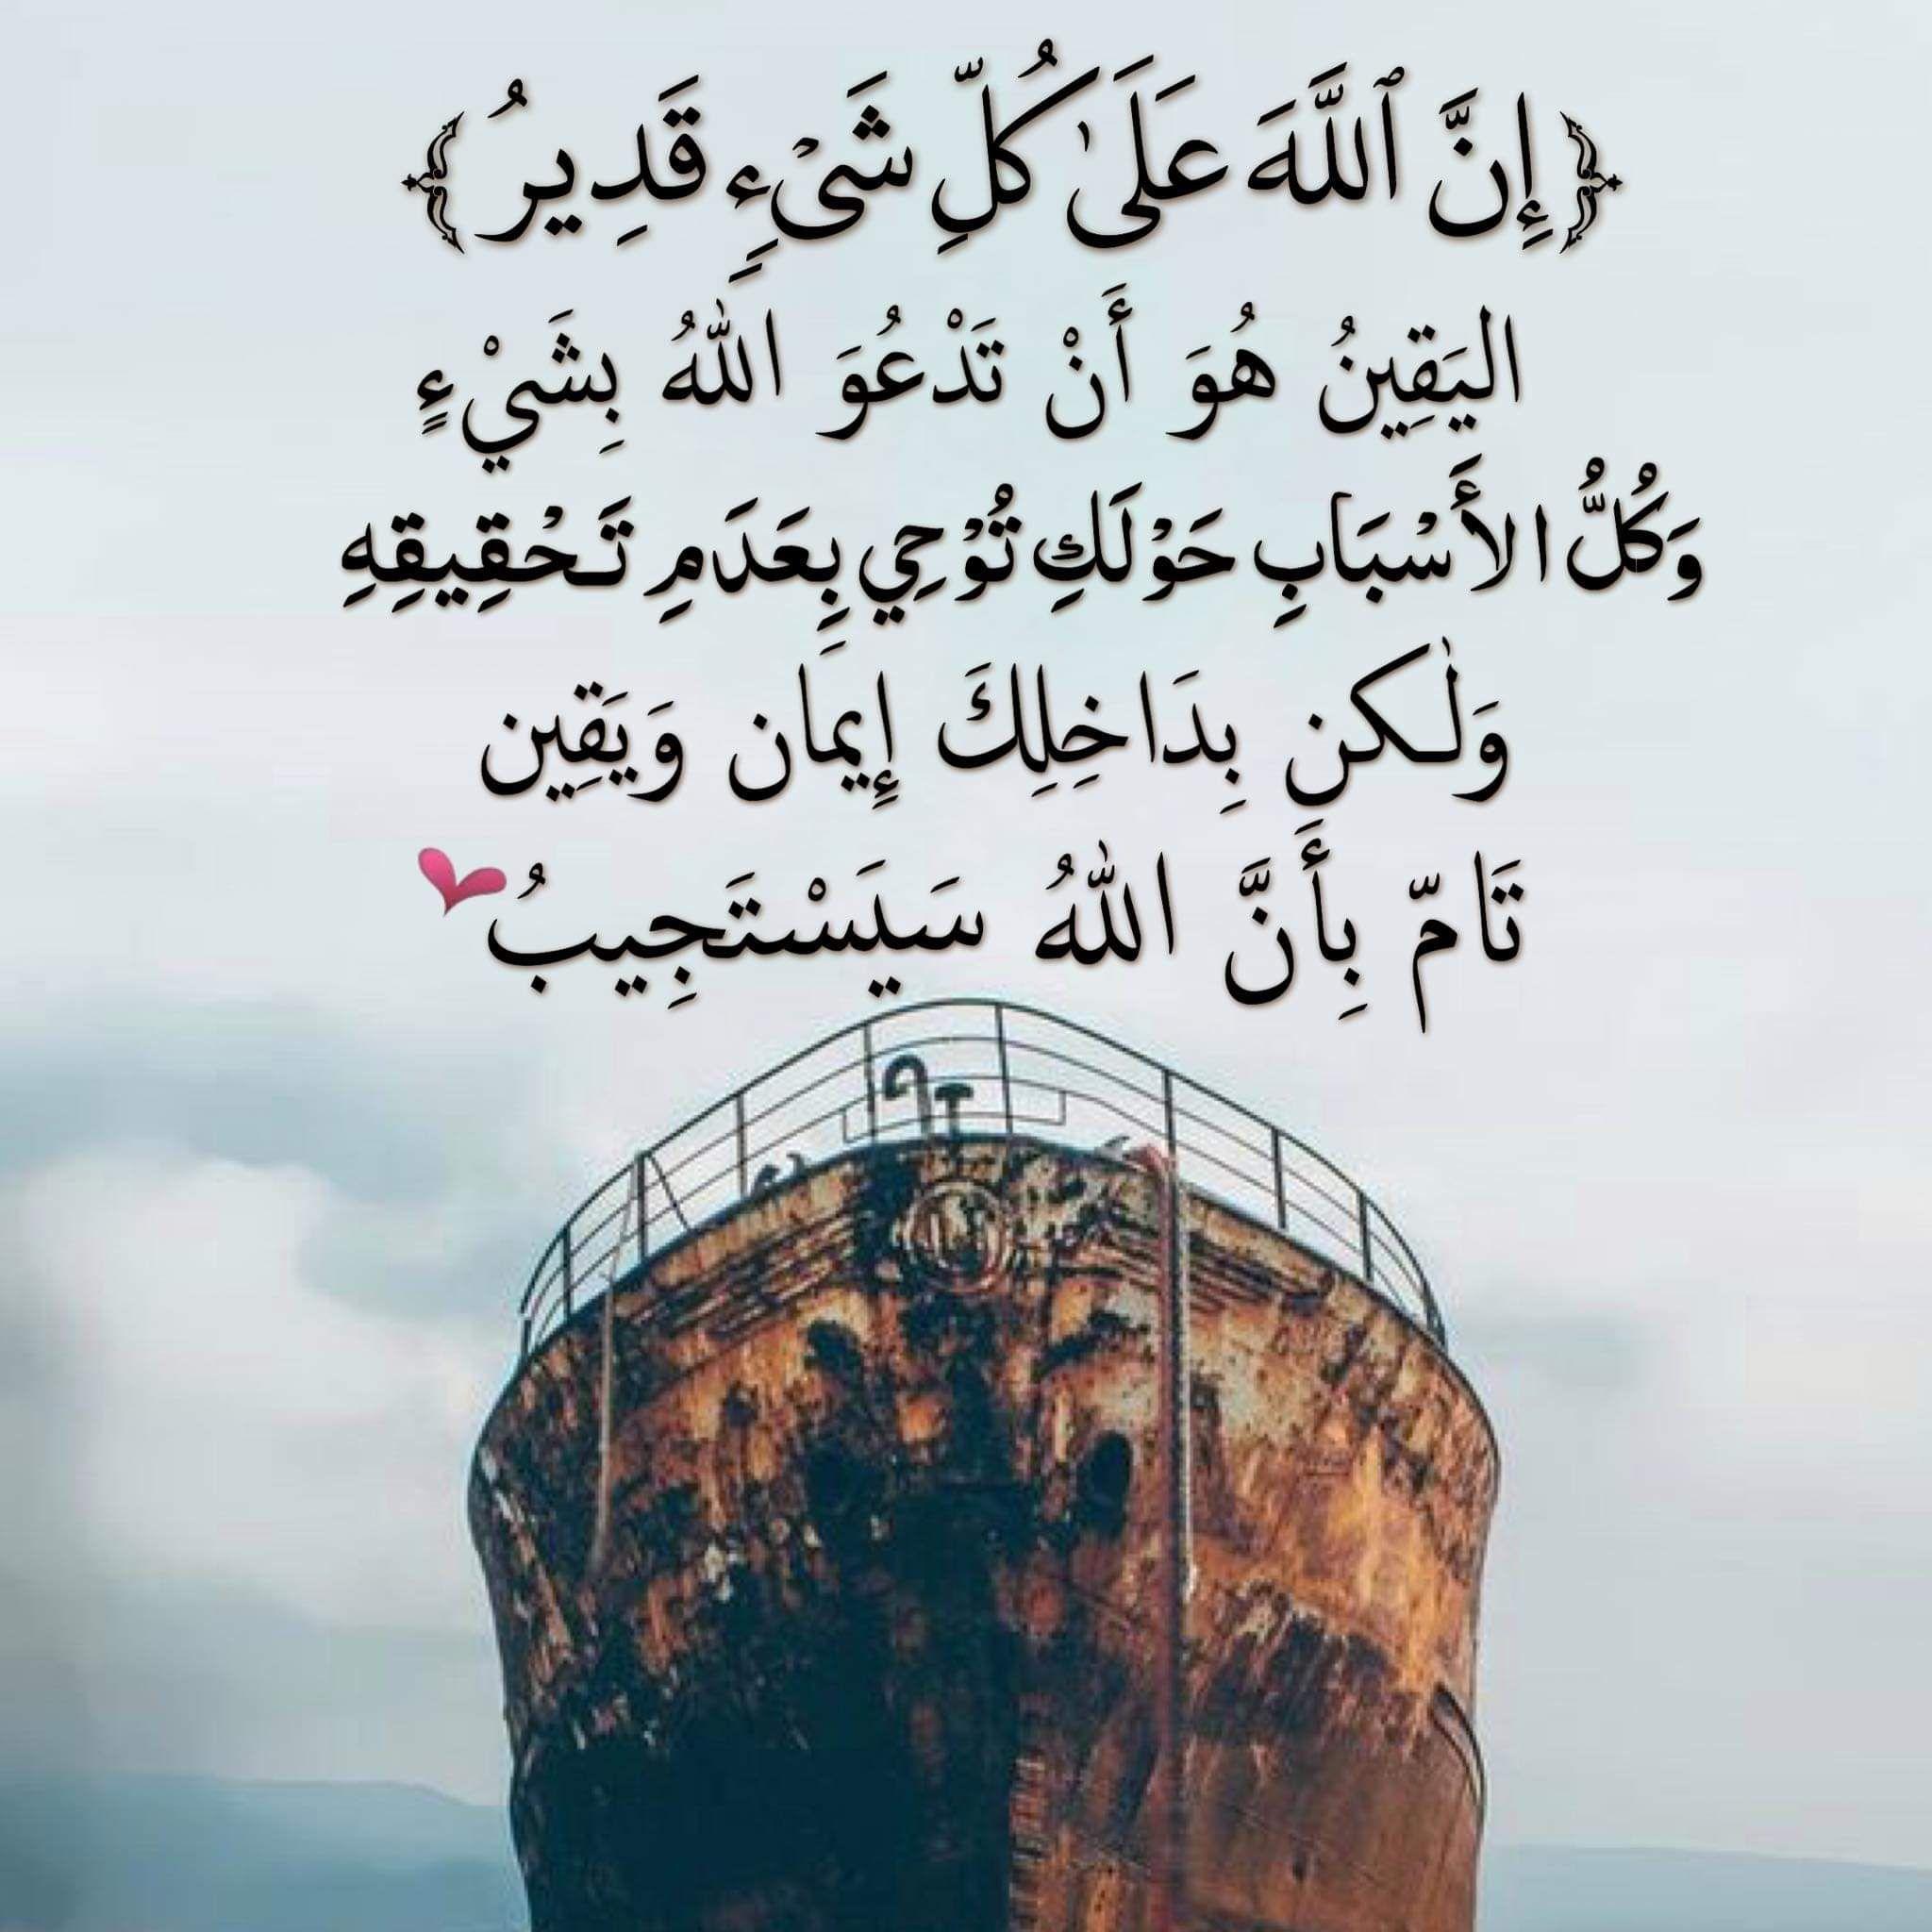 خواطر دينية قصيرة مزخرفة Islamic Quotes Quran Islamic Quotes Arabic Quotes